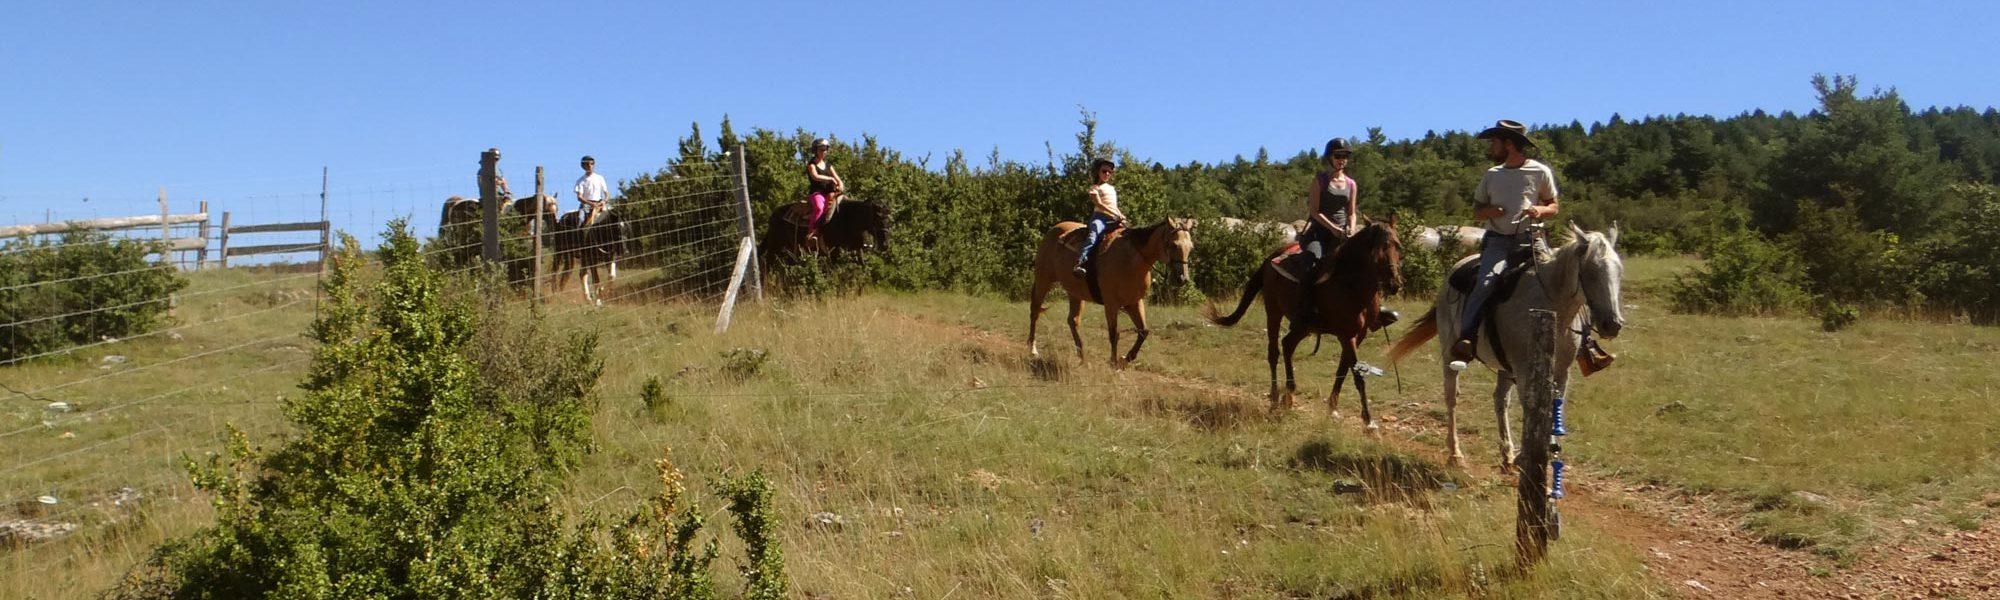 s-visite-cheval